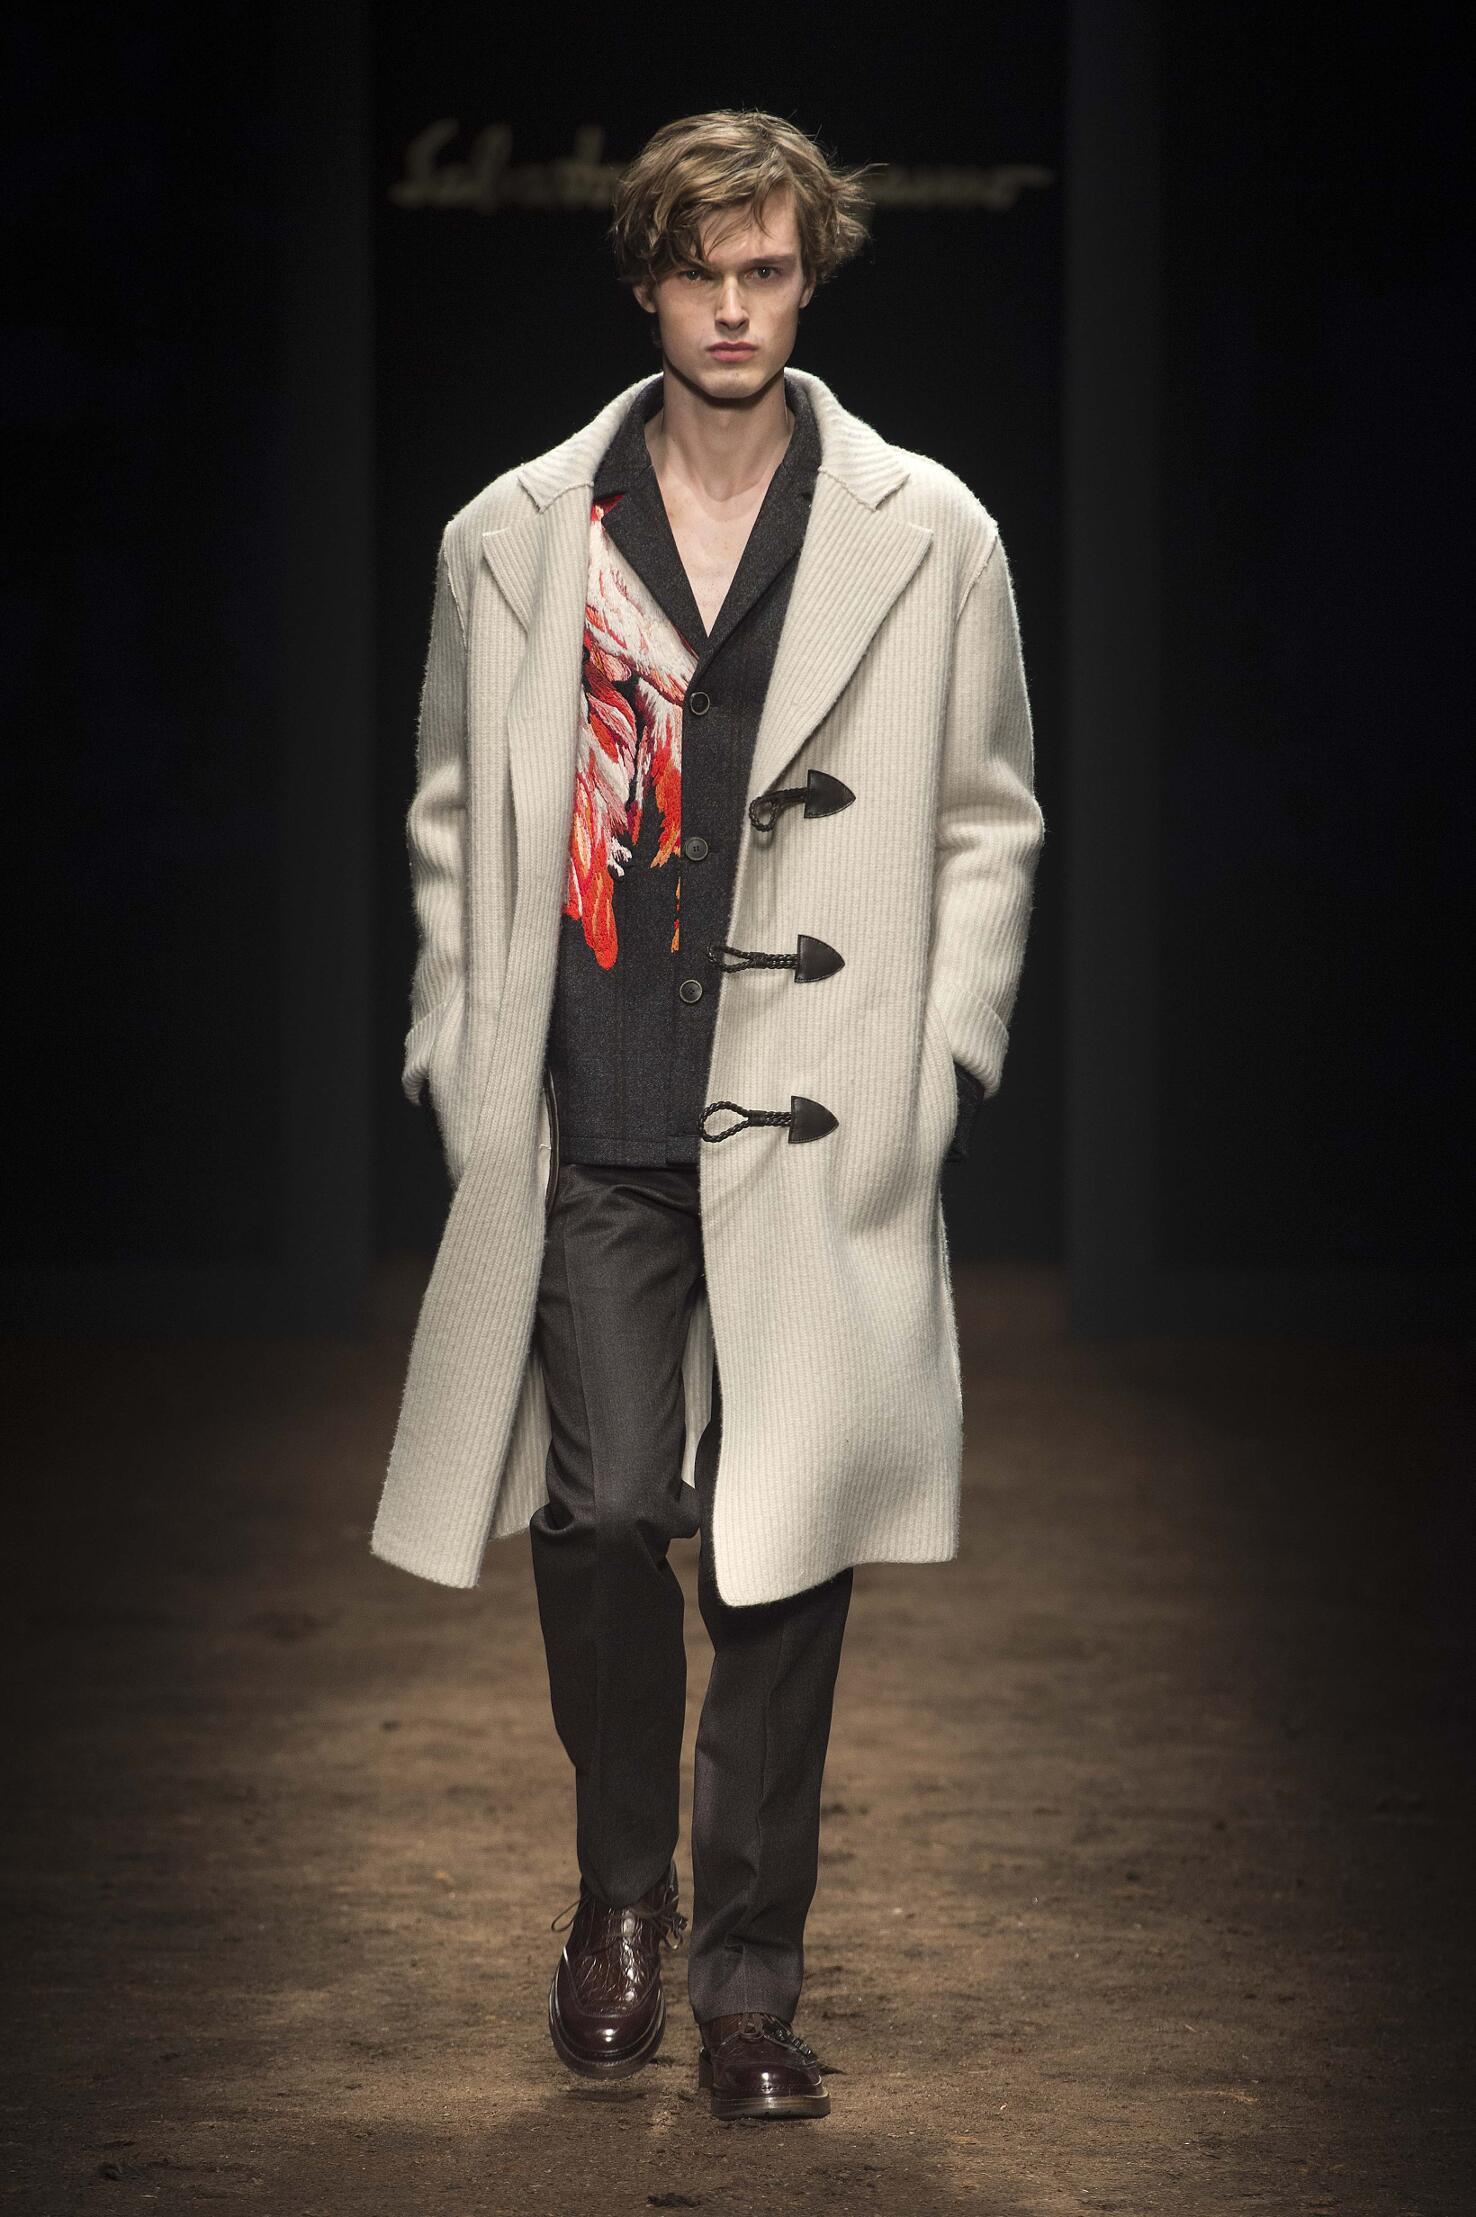 Fall Winter 2015 16 Fashion Men's Collection Salvatore Ferragamo